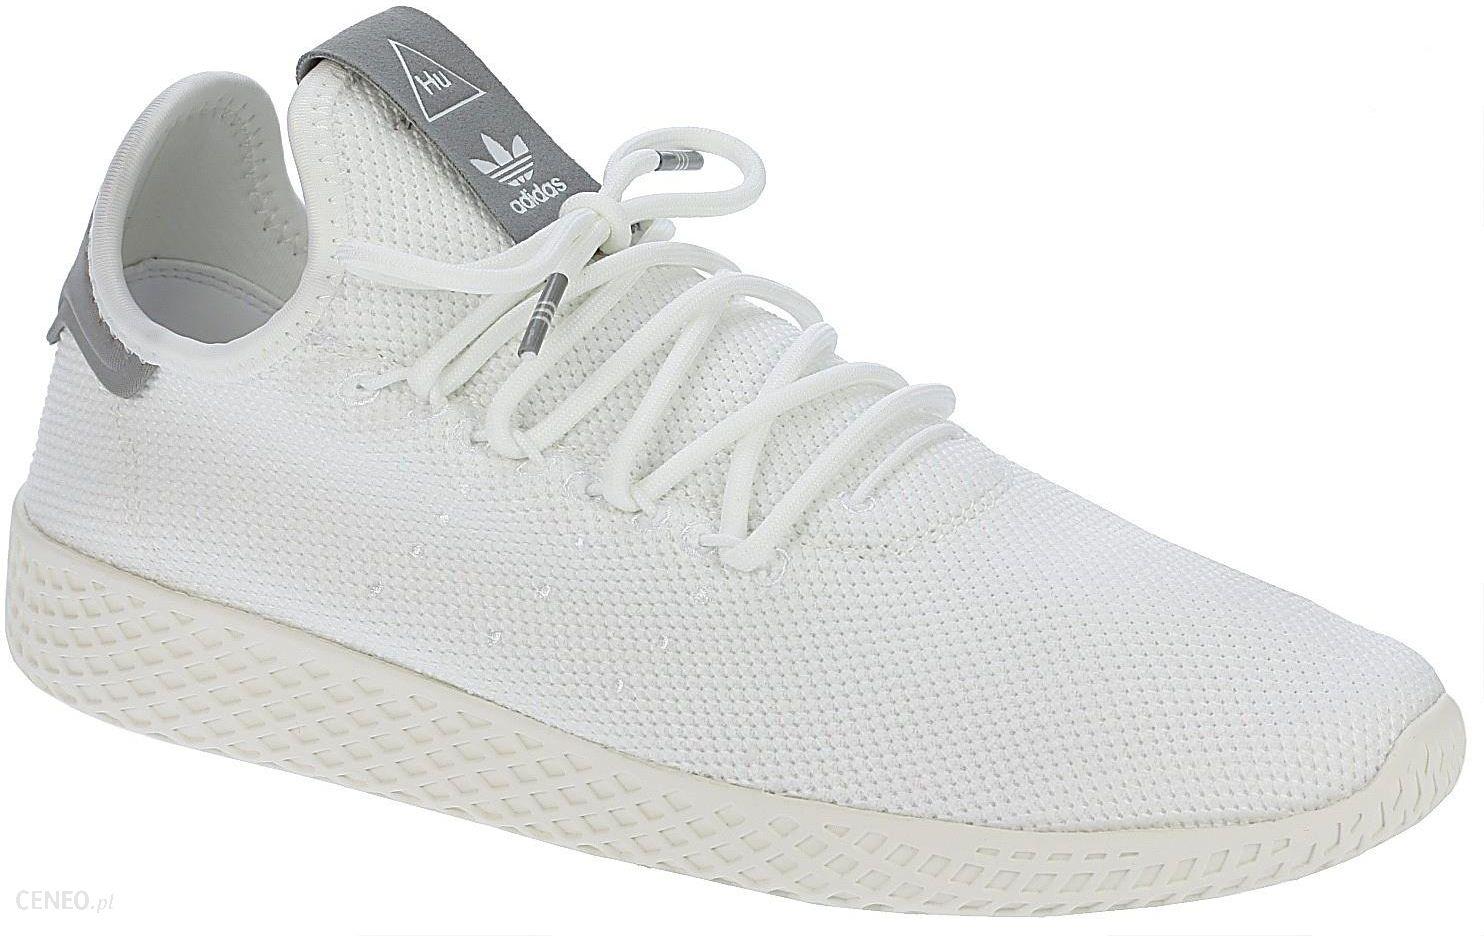 dobra tekstura najwyższa jakość sklep internetowy Buty adidas Originals Pharrell Williams Tennis HU - White/White/Chalk  White/Gray 43 1/3 - Ceny i opinie - Ceneo.pl